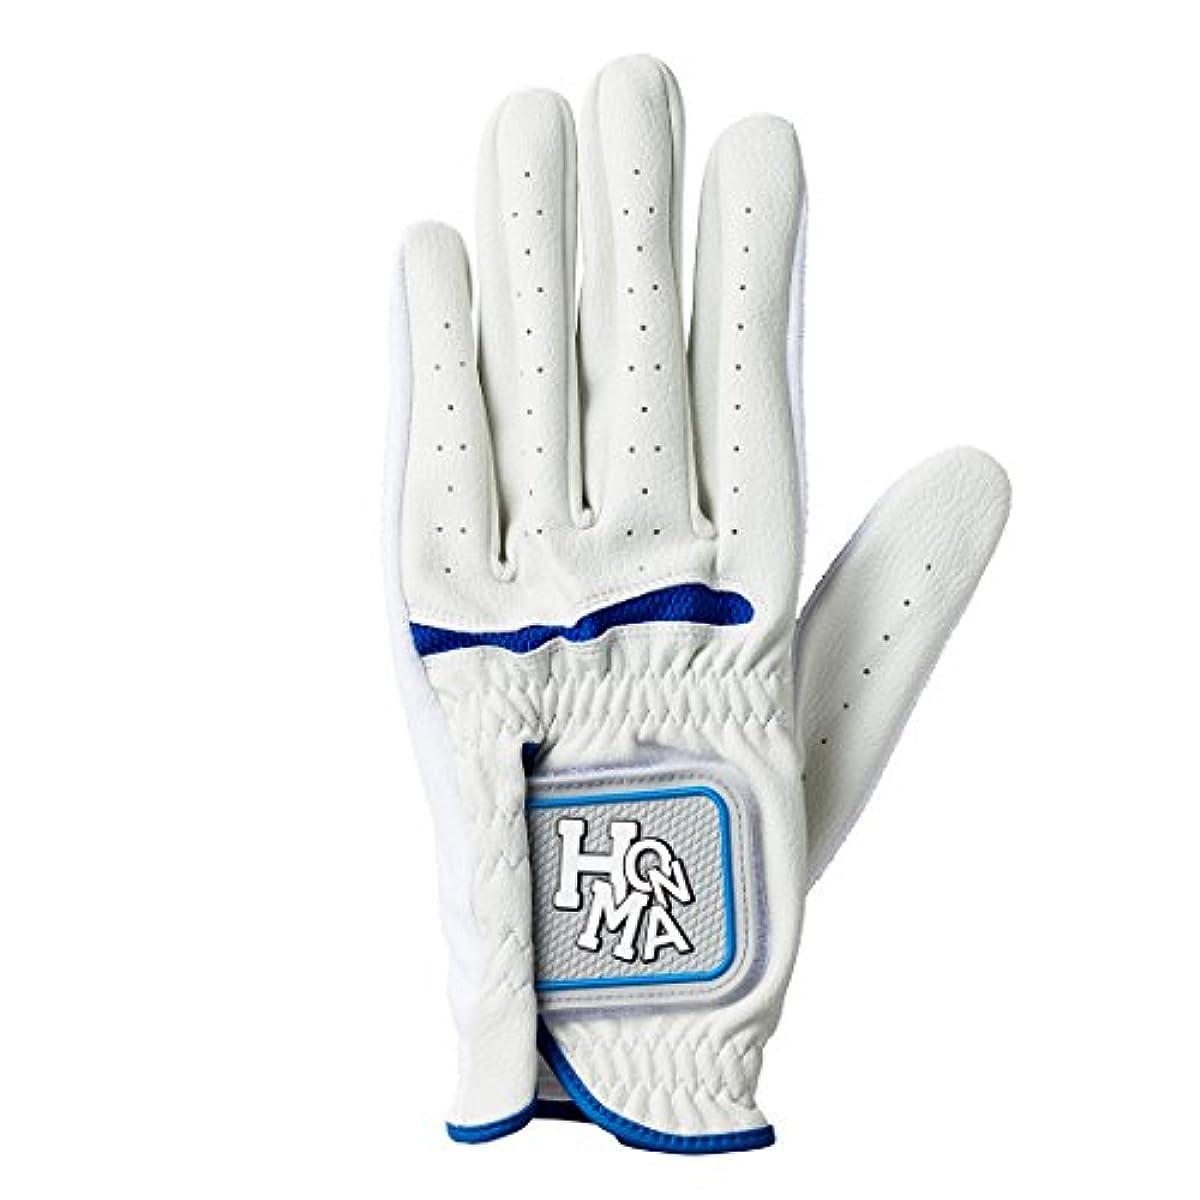 [해외] 혼마 골프 골프 글러브 HONMA GF-1704 맨즈 화이트/블루 24